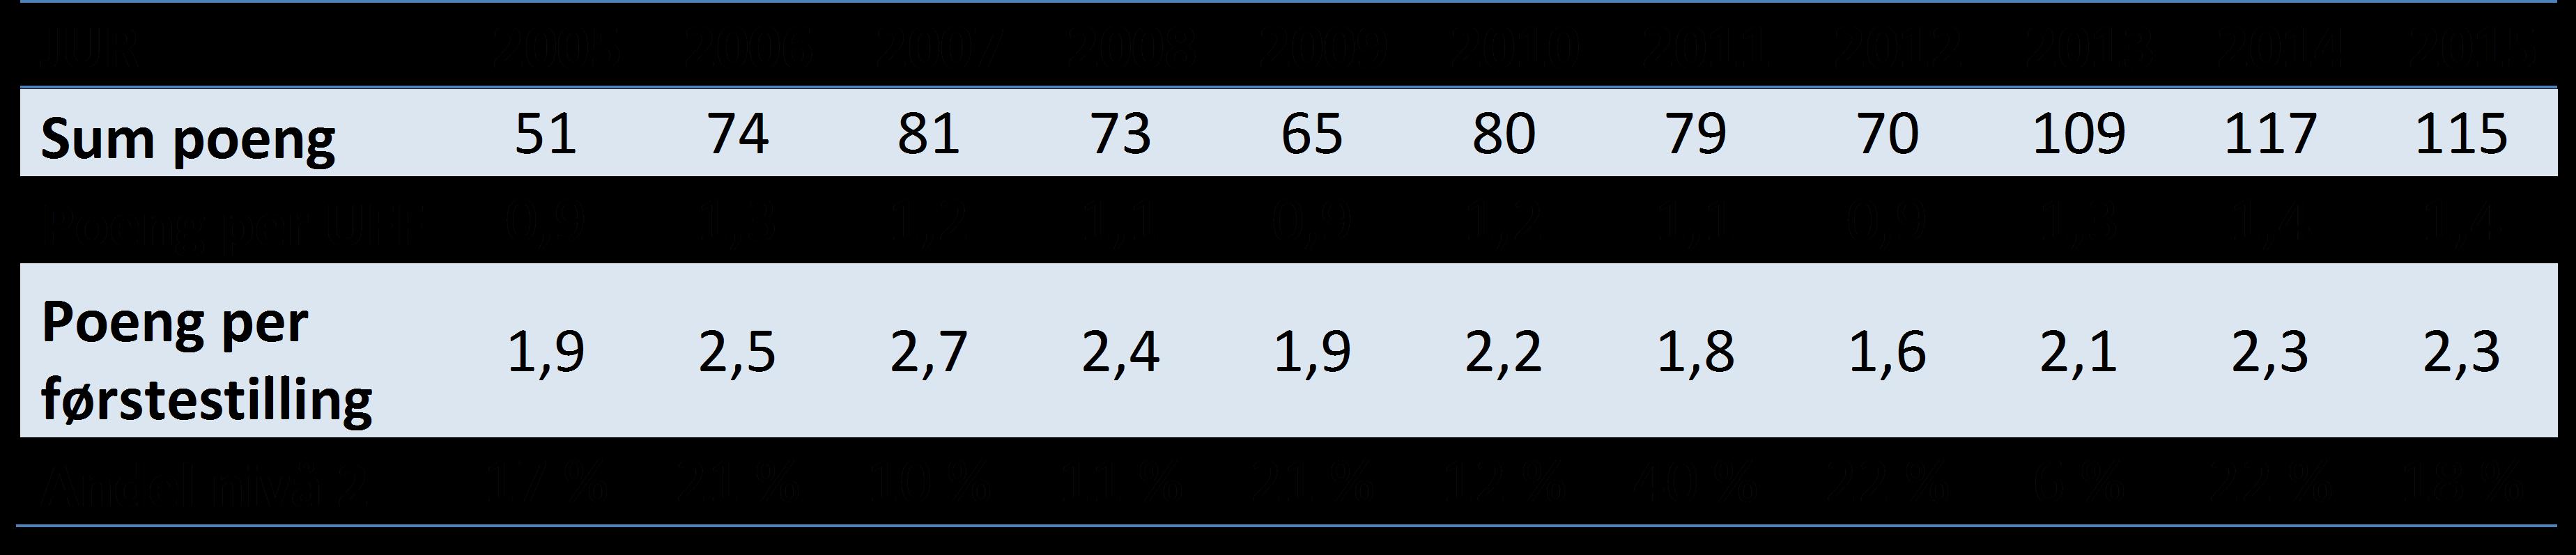 Hovedindikatorer for publisering ved Det juridiske fakultet, 2005-2015 (DBH).